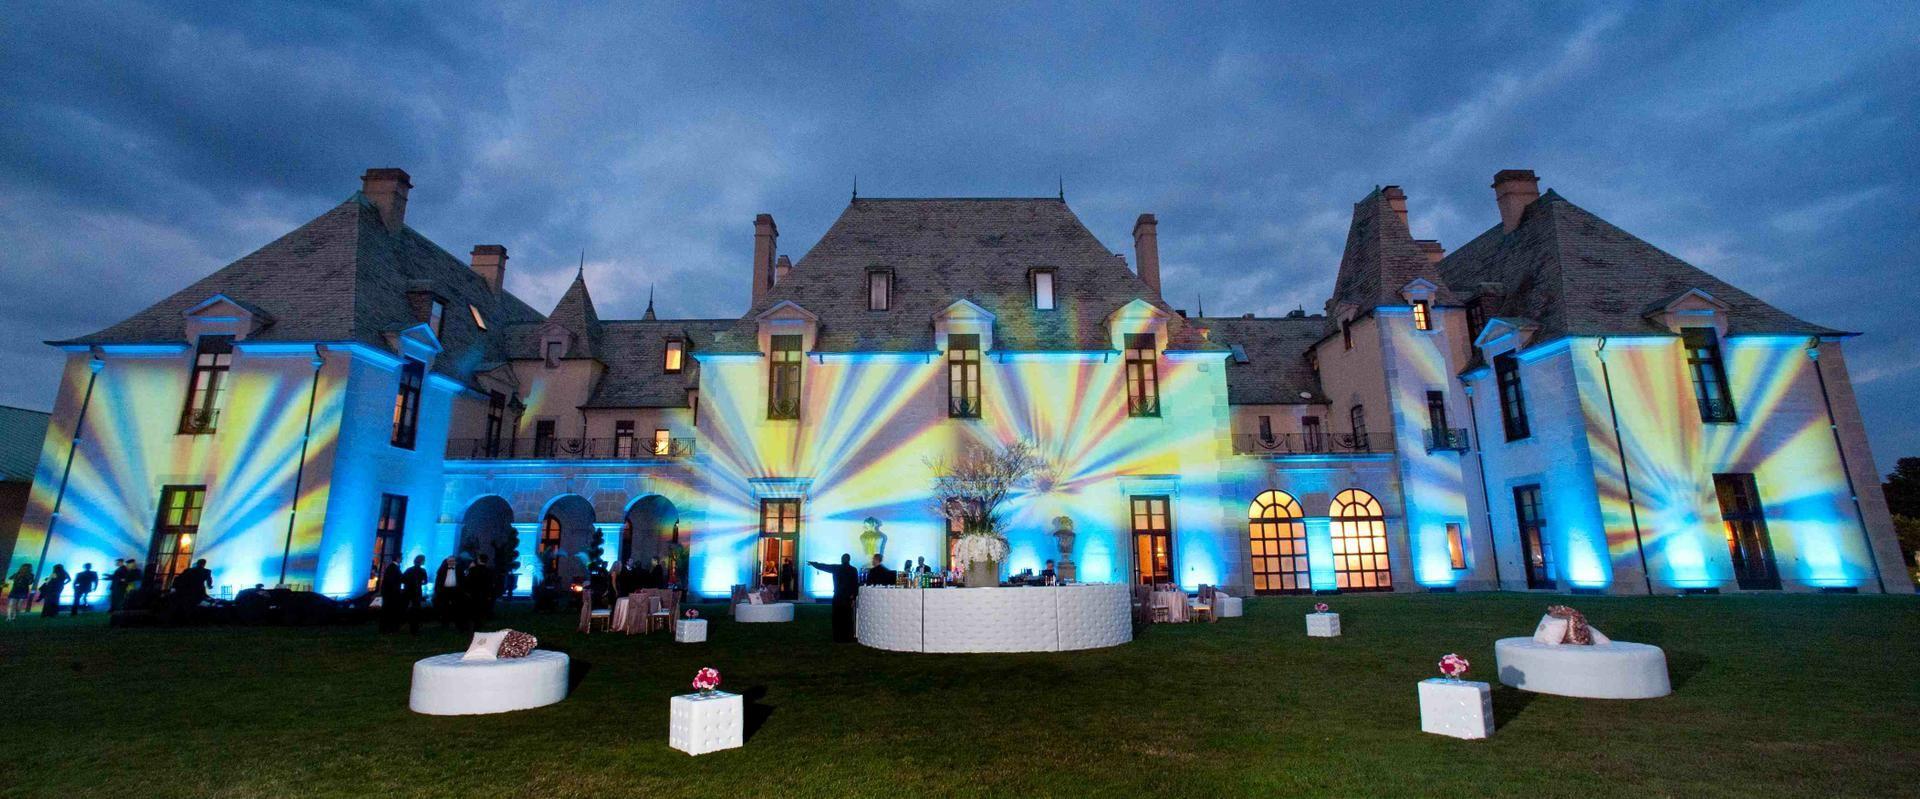 Inside Weddings | Fairytale castle, Castle wedding ...